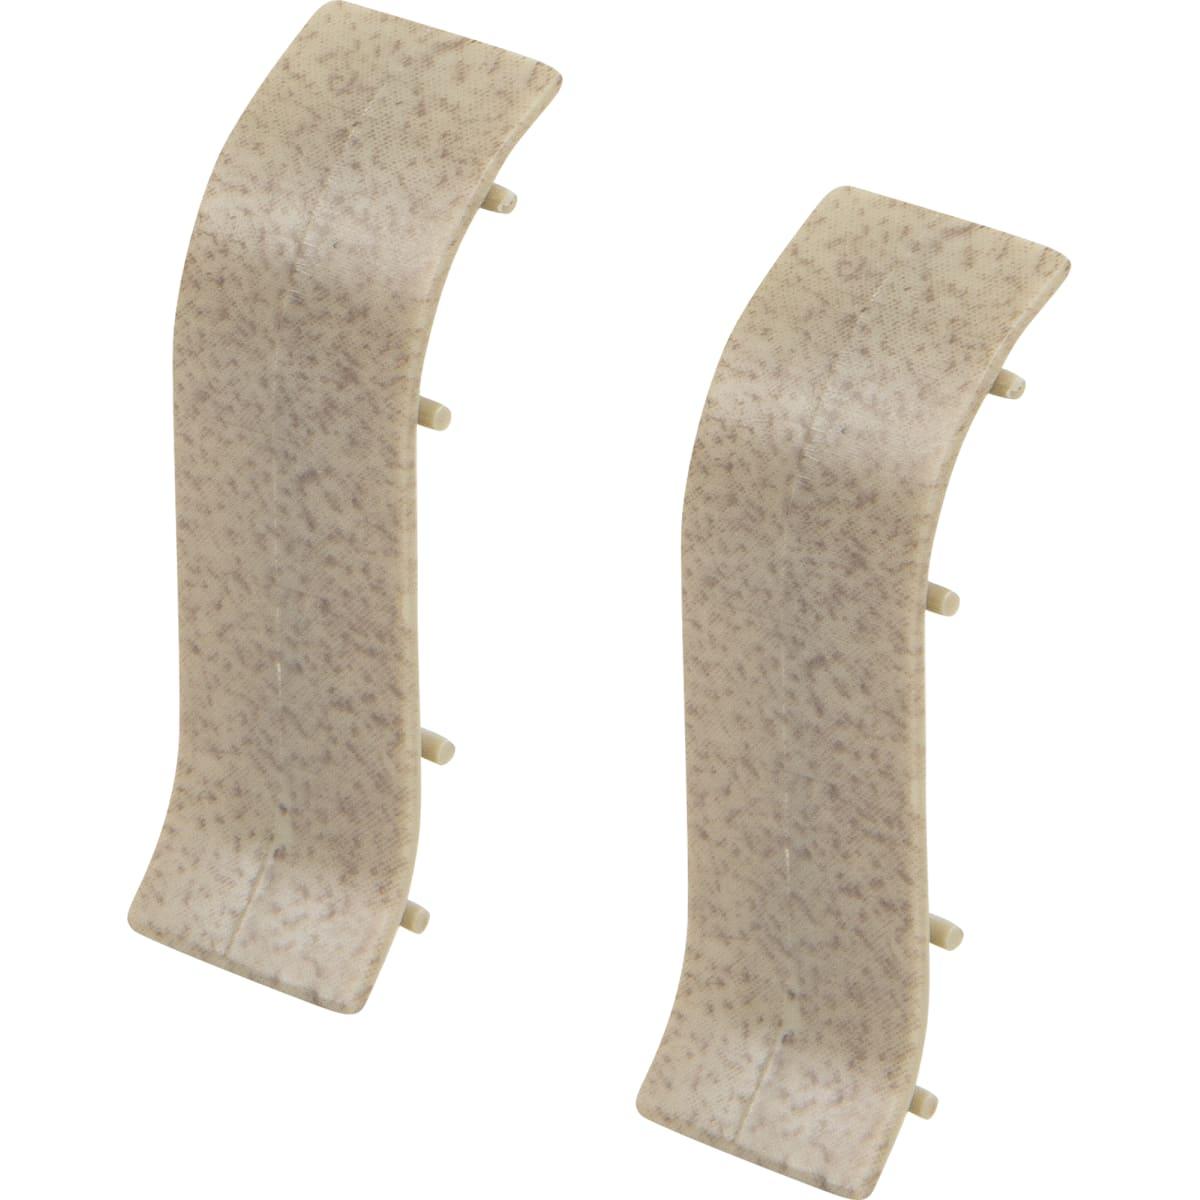 Соединитель для напольного плинтуса «Светлый Мрамор» 55 мм 2 шт.